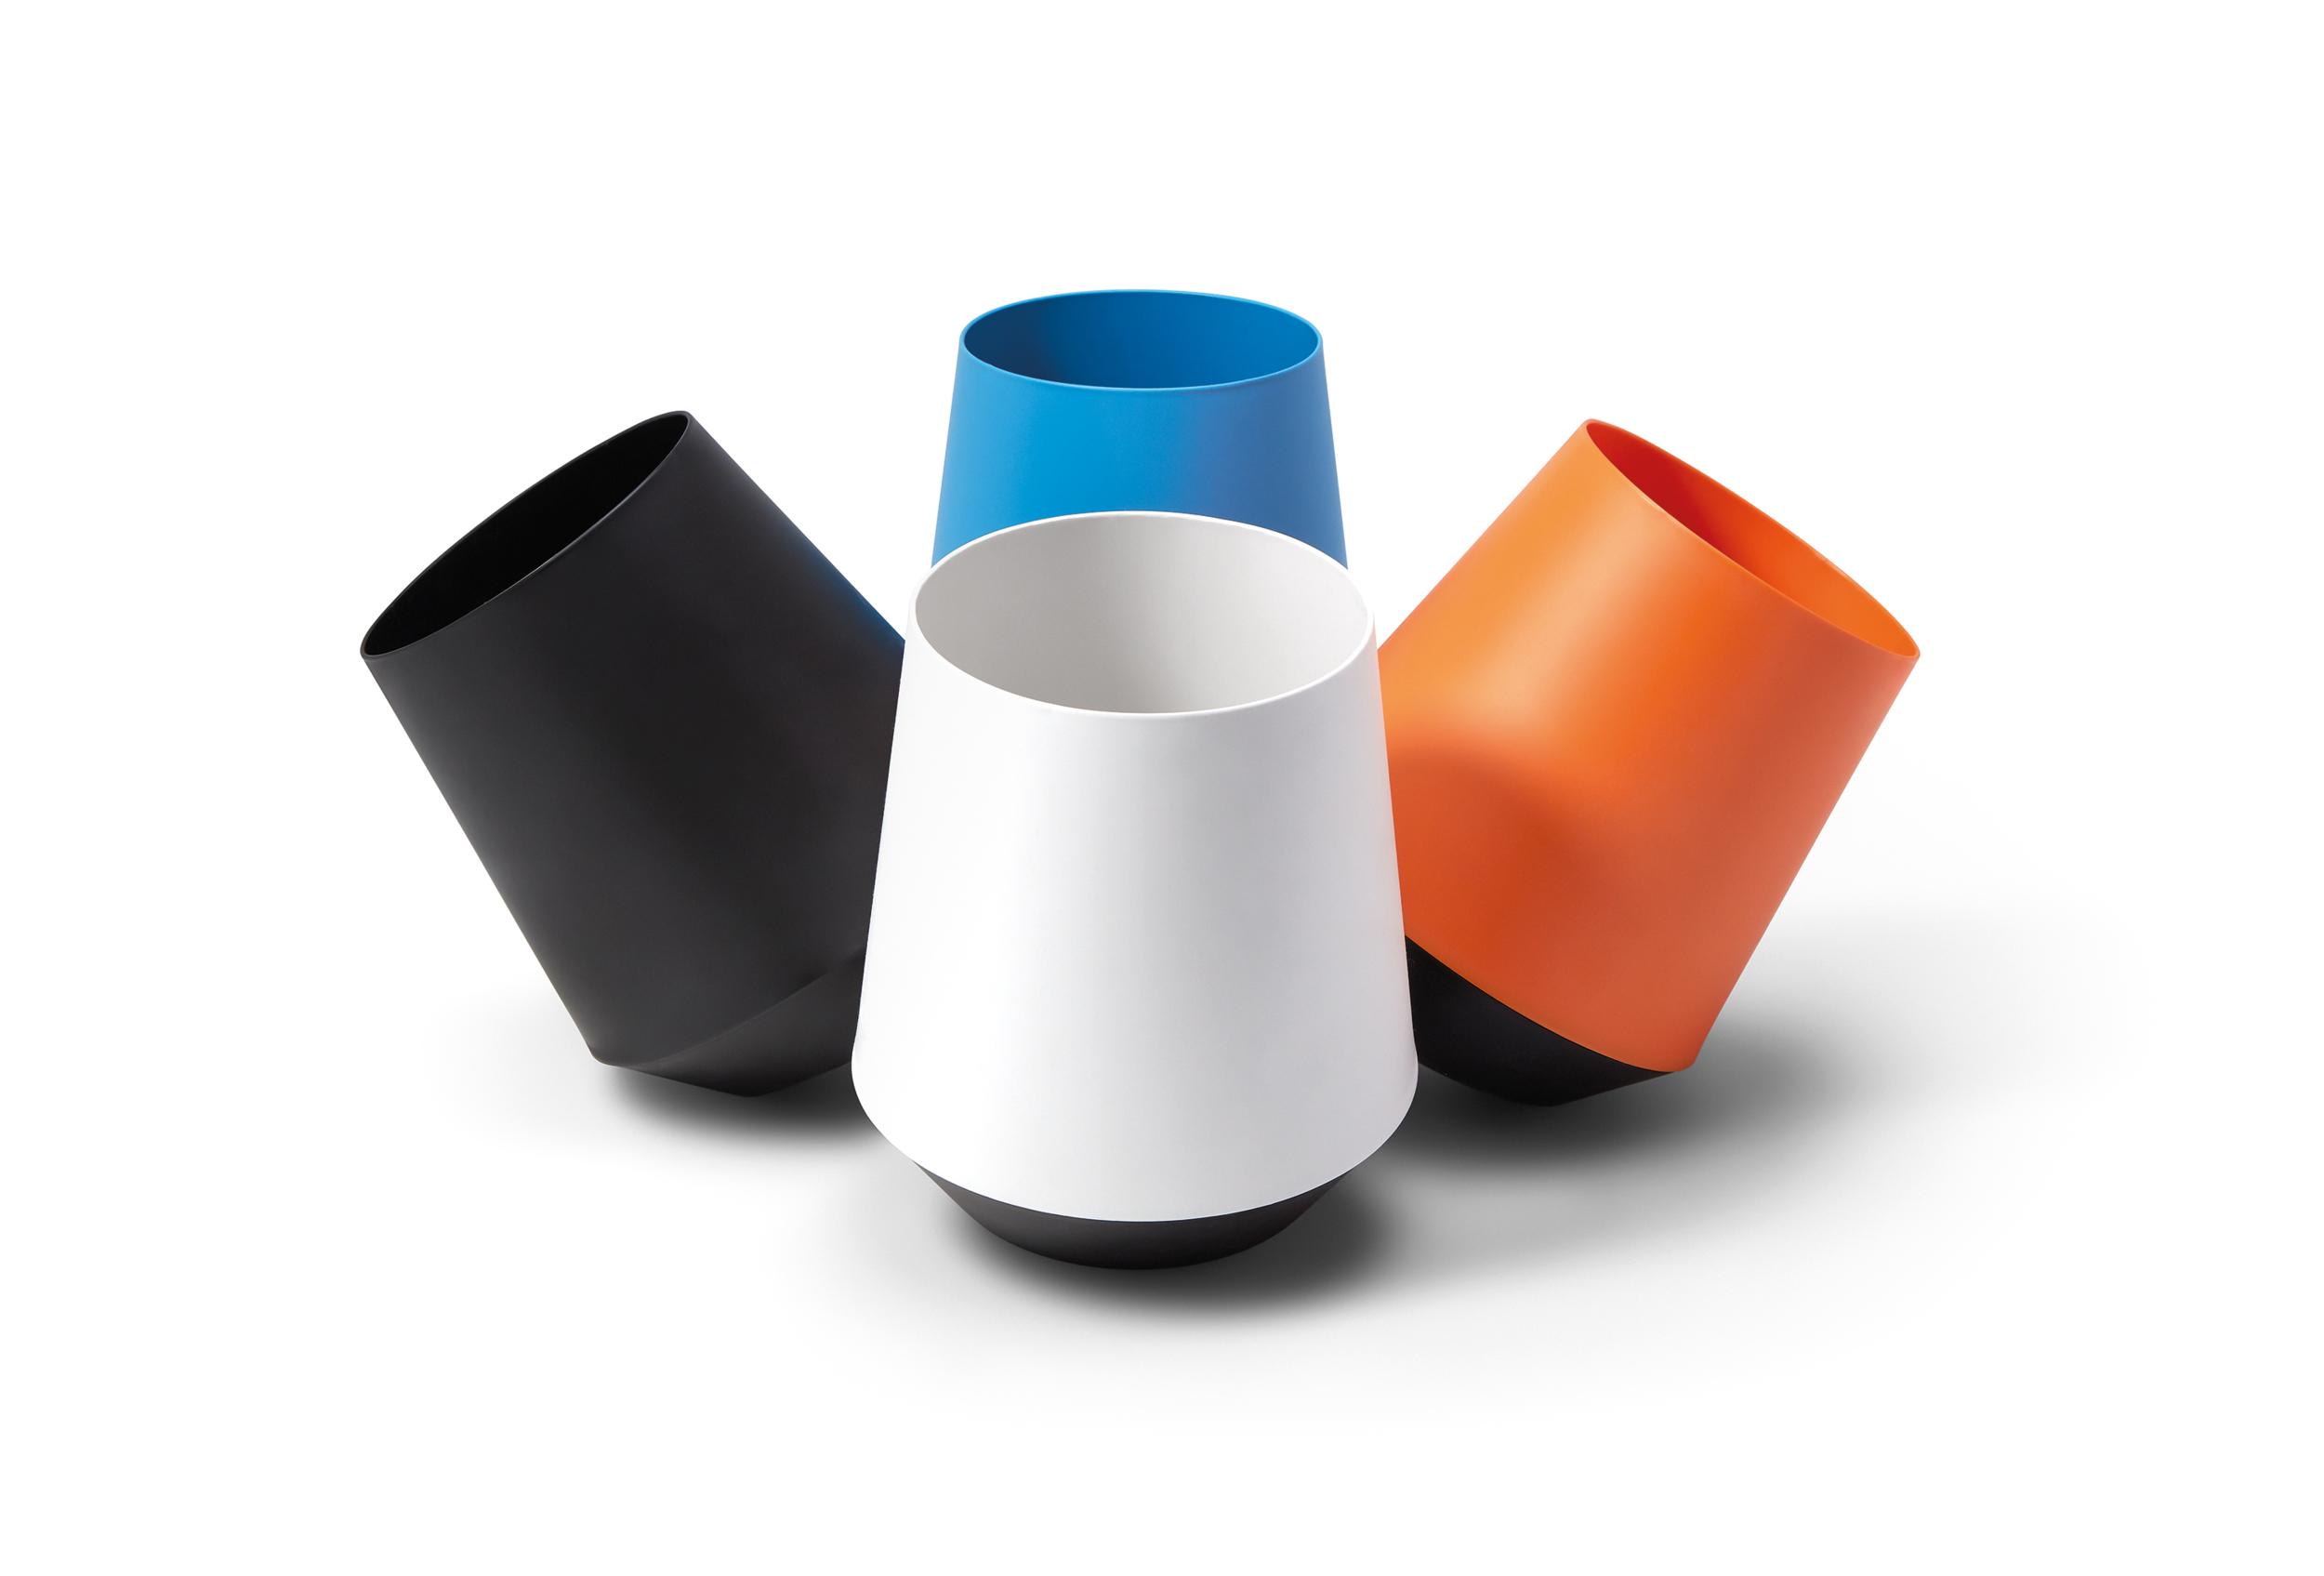 Corbeilles de bureau design et colorée